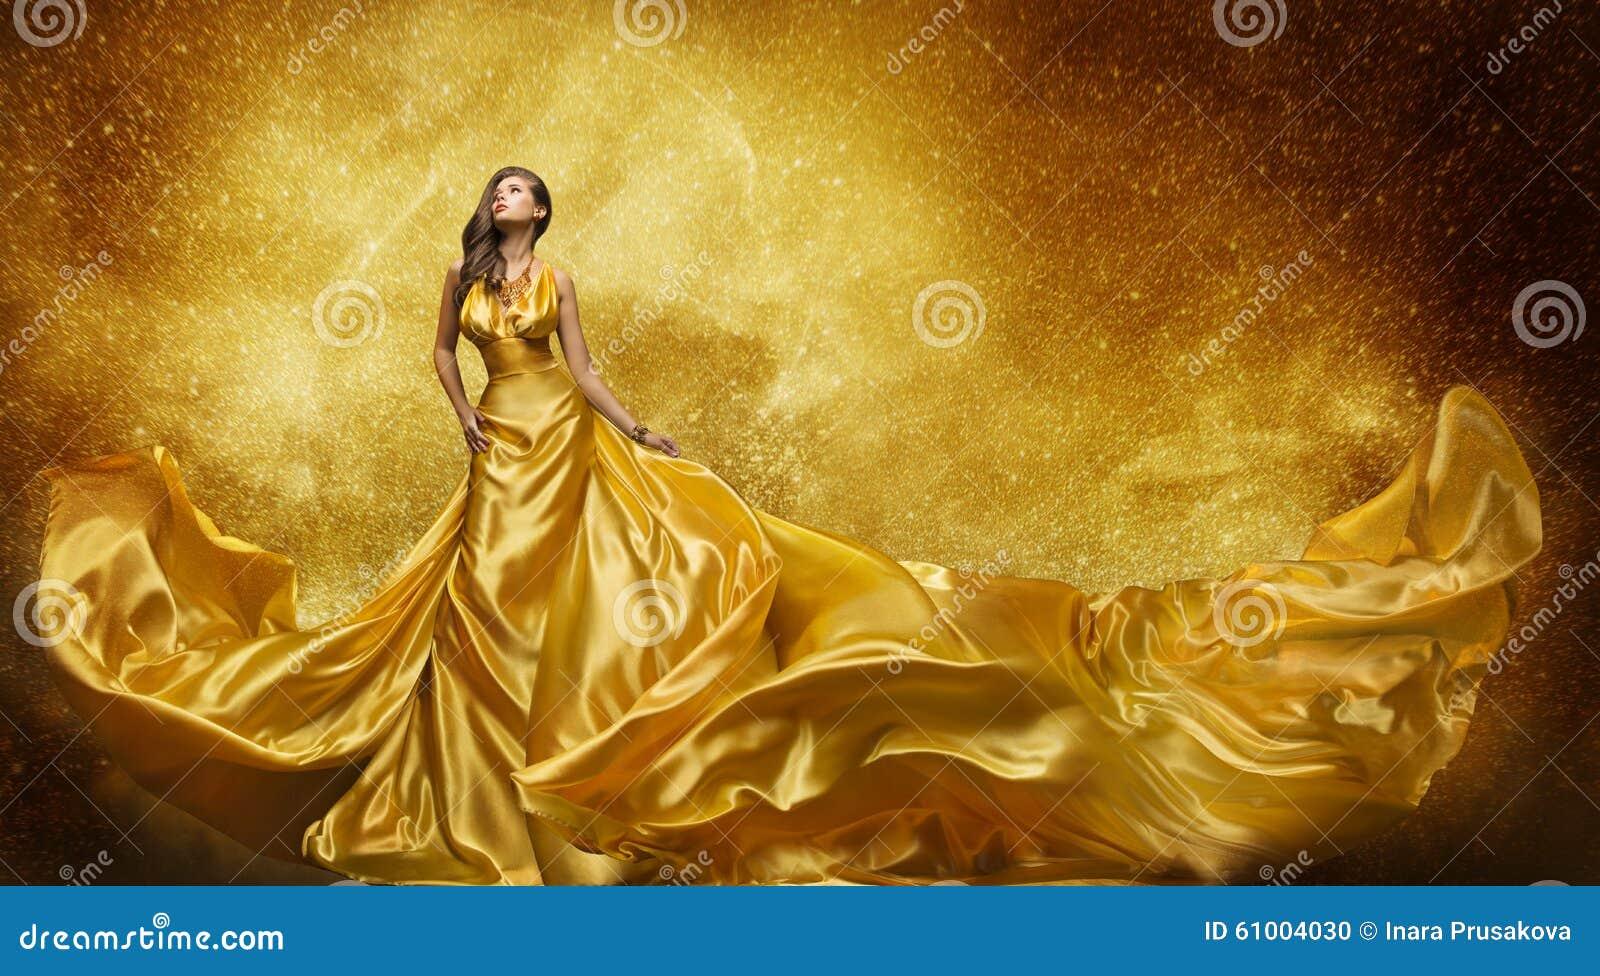 Gouden Mannequin Dress, de Toga Stromende Stof van de Vrouwen Gouden Zijde